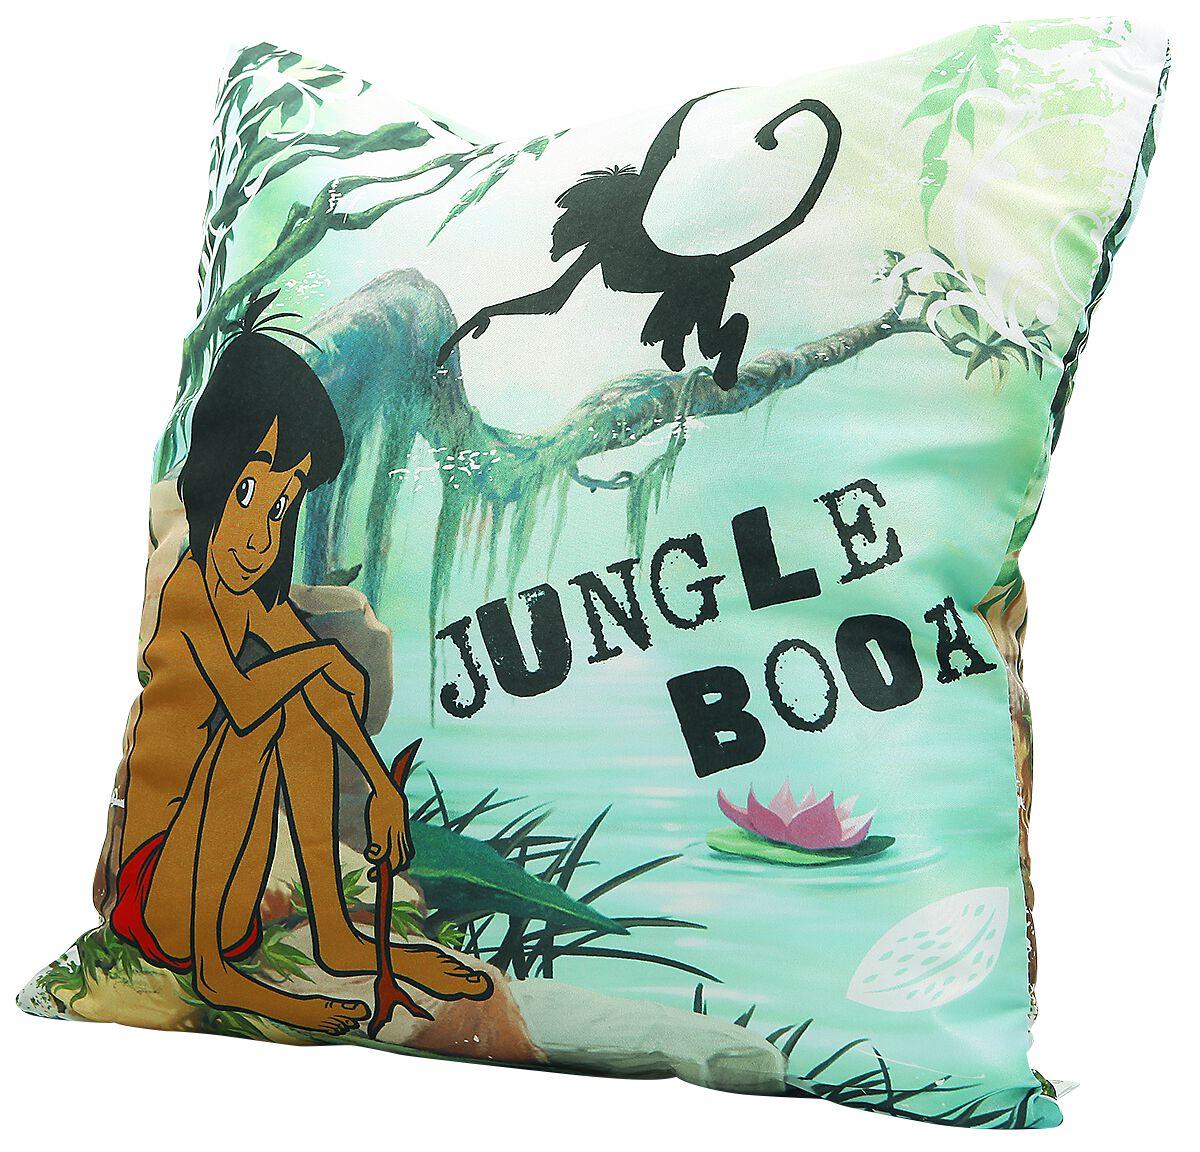 Merch dla Fanów - Poduszki - Poduszka ozdobna The Jungle Book I Wanna Be Like You Poduszka ozdobna wielokolorowy - 360556